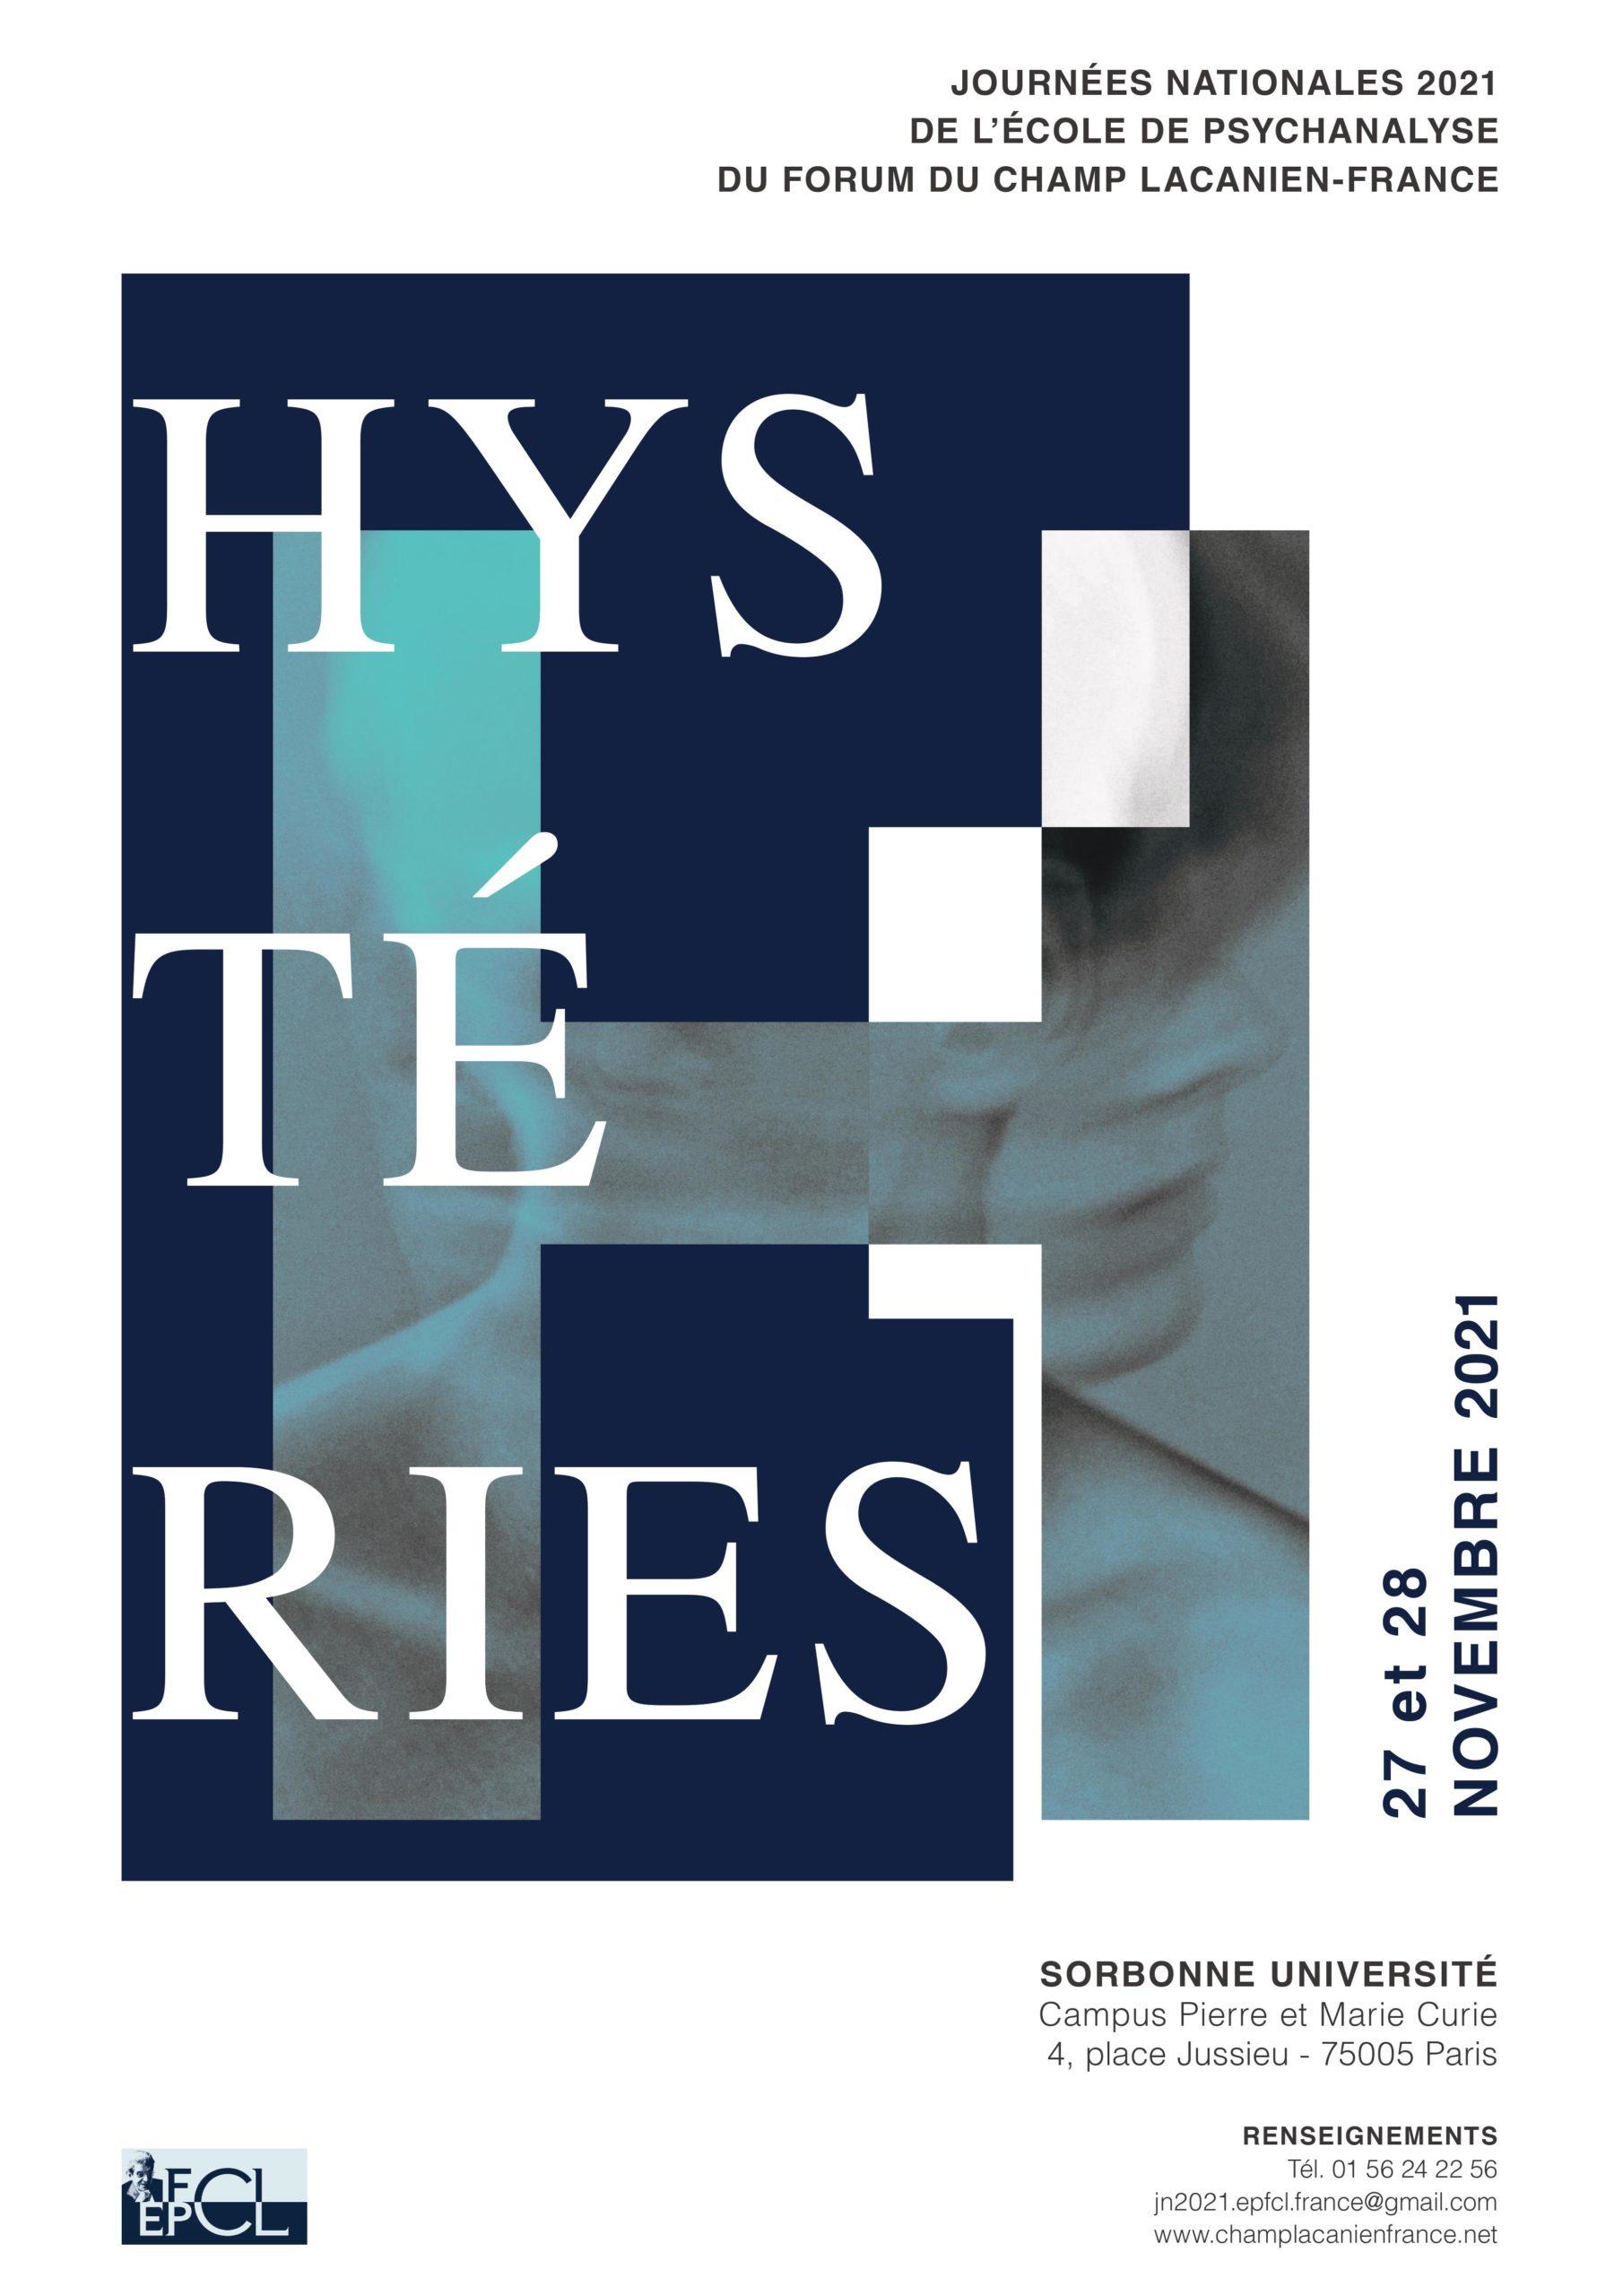 Hystéries - Journées Nationales EPFCL-France